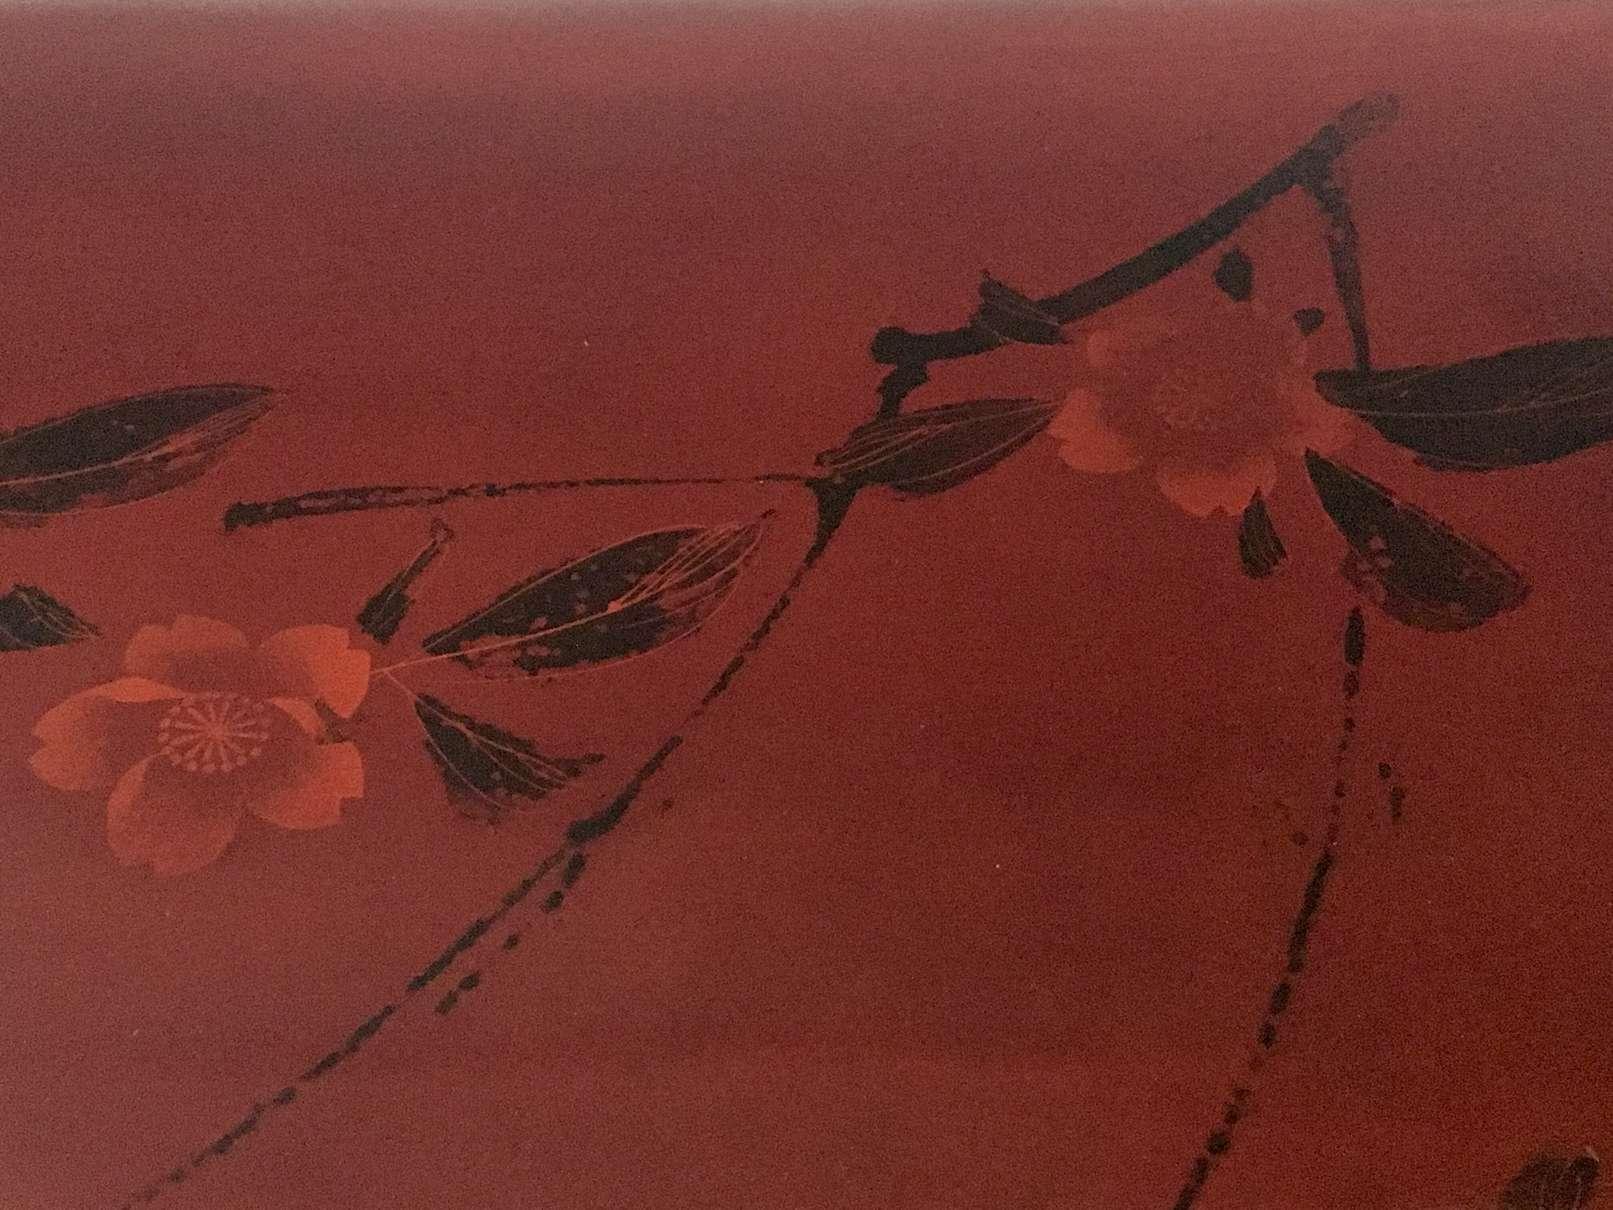 laque-brillante-papier-japon-art-chine-asie-restauration-restaurarte-art.jpg